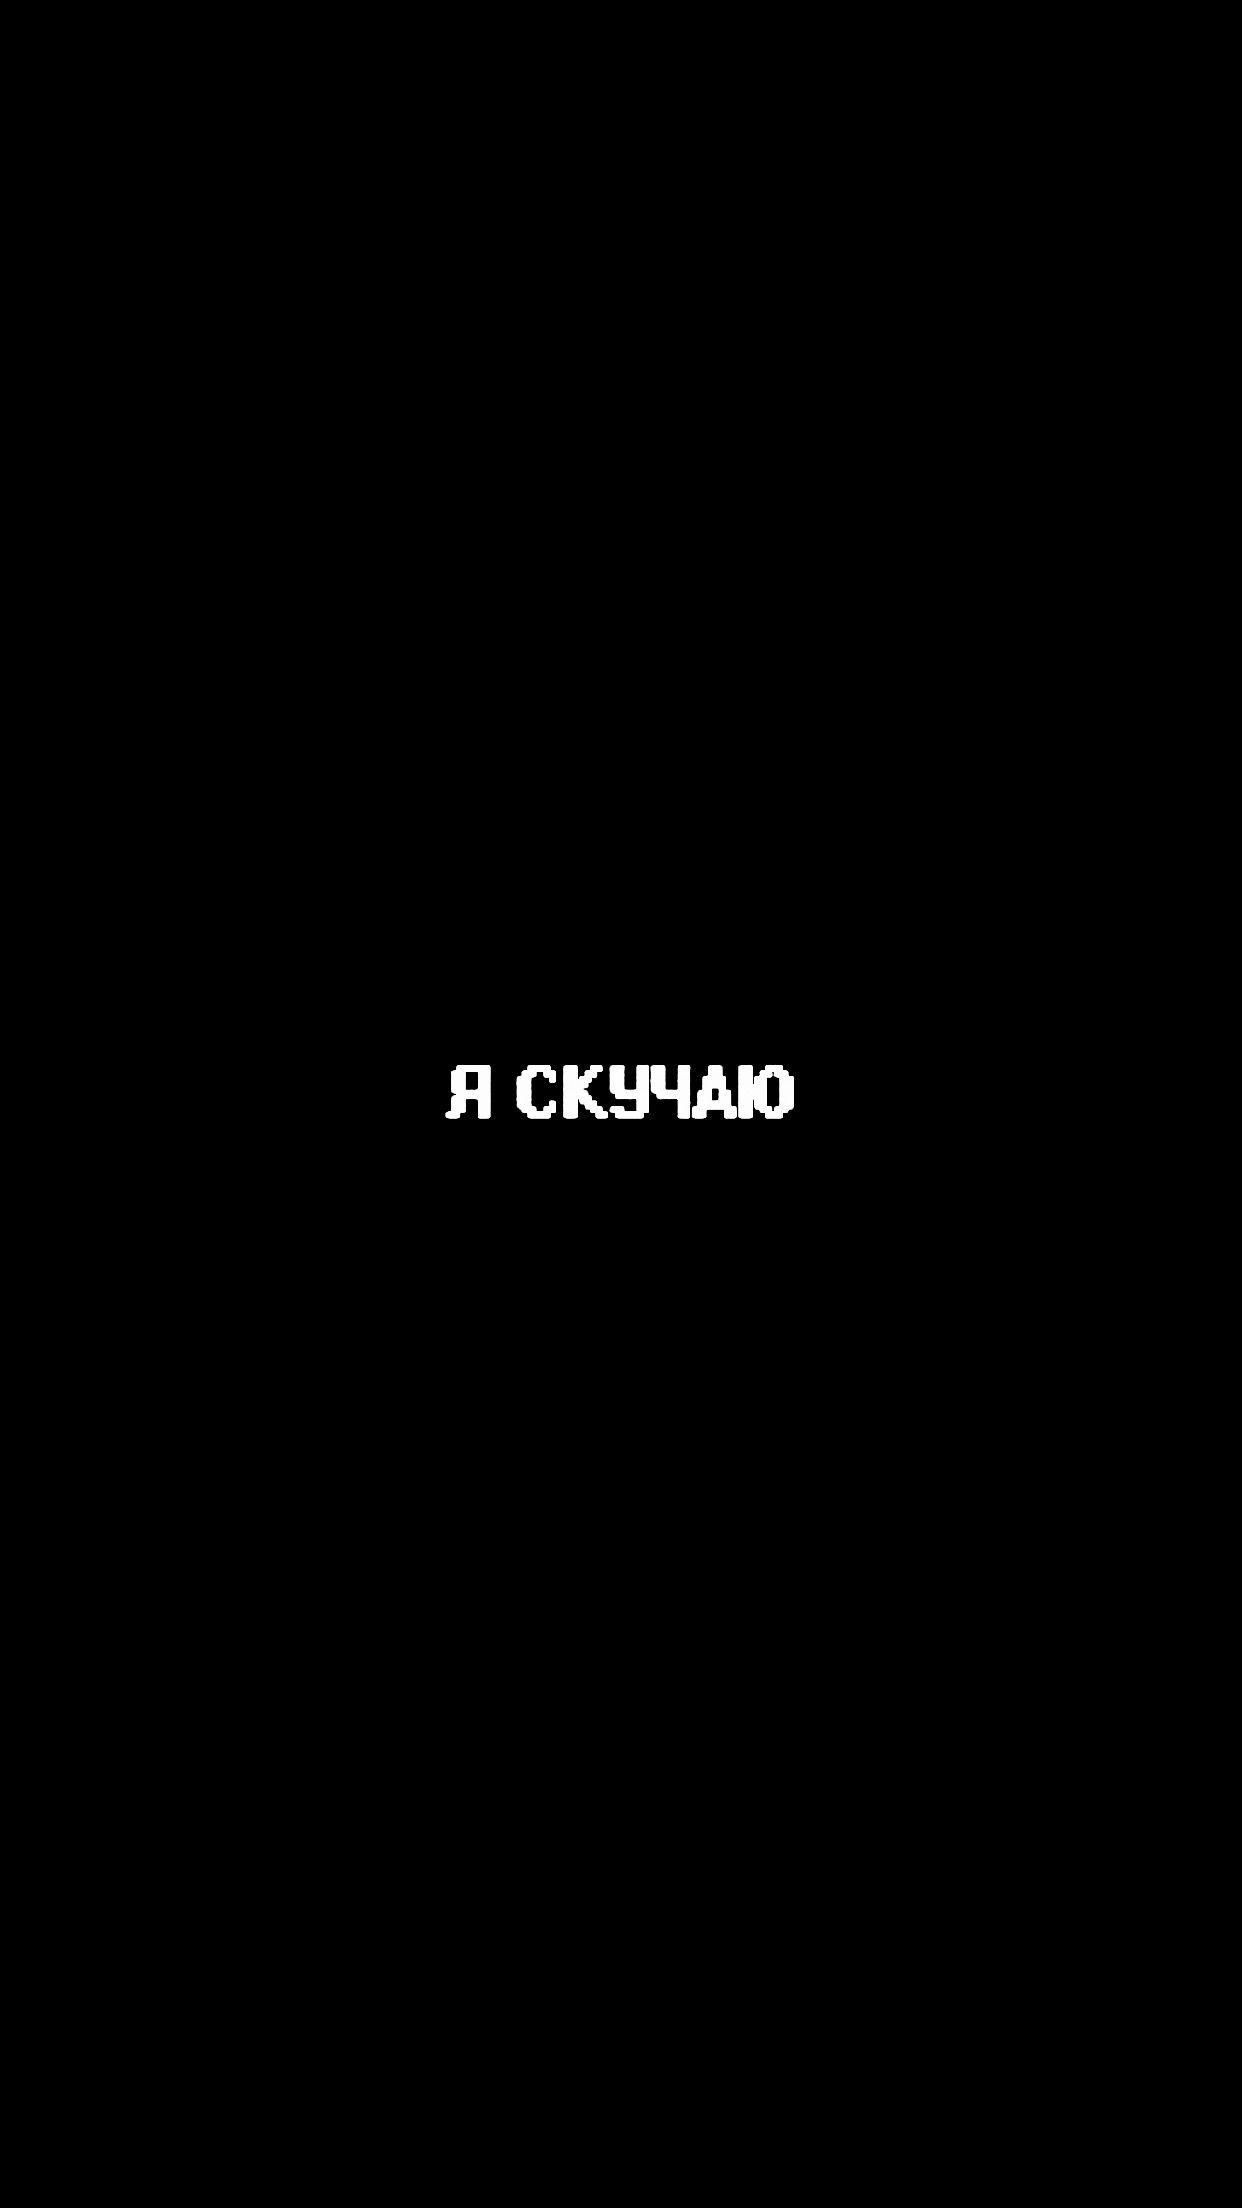 Фон для телефона с надписью на русском